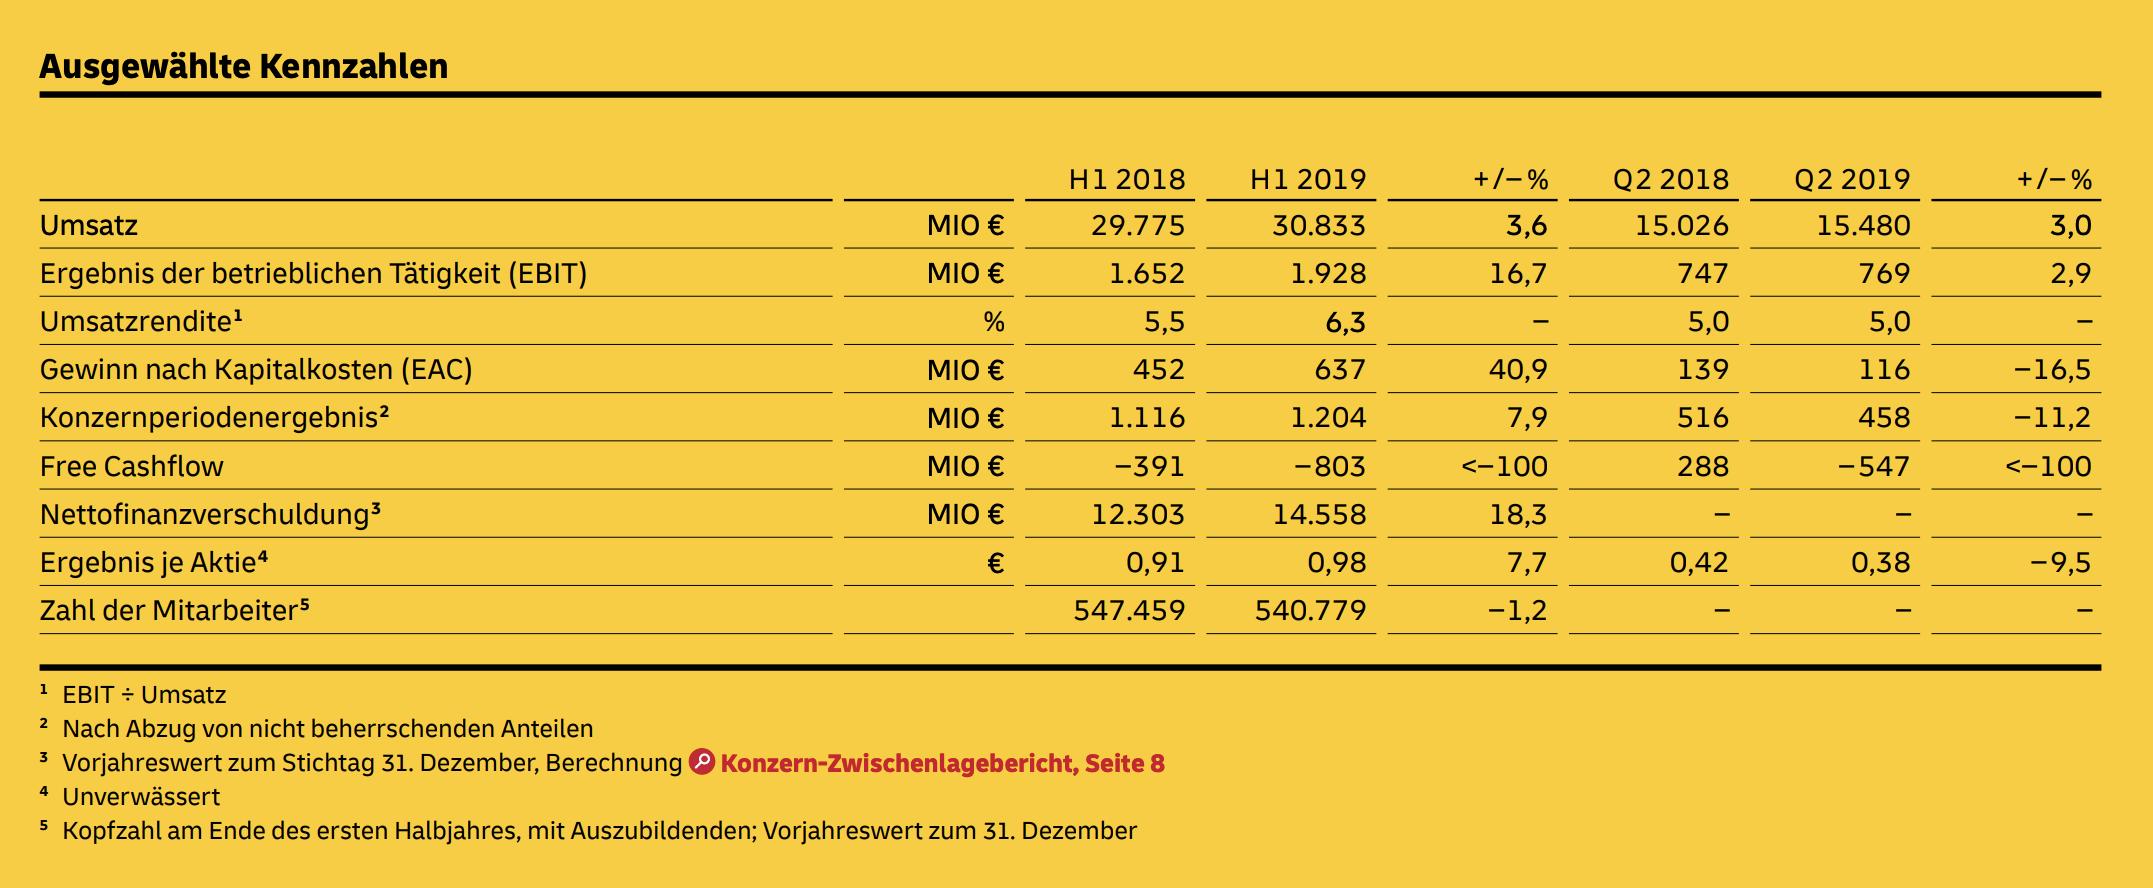 Deutsche Post Zahlen